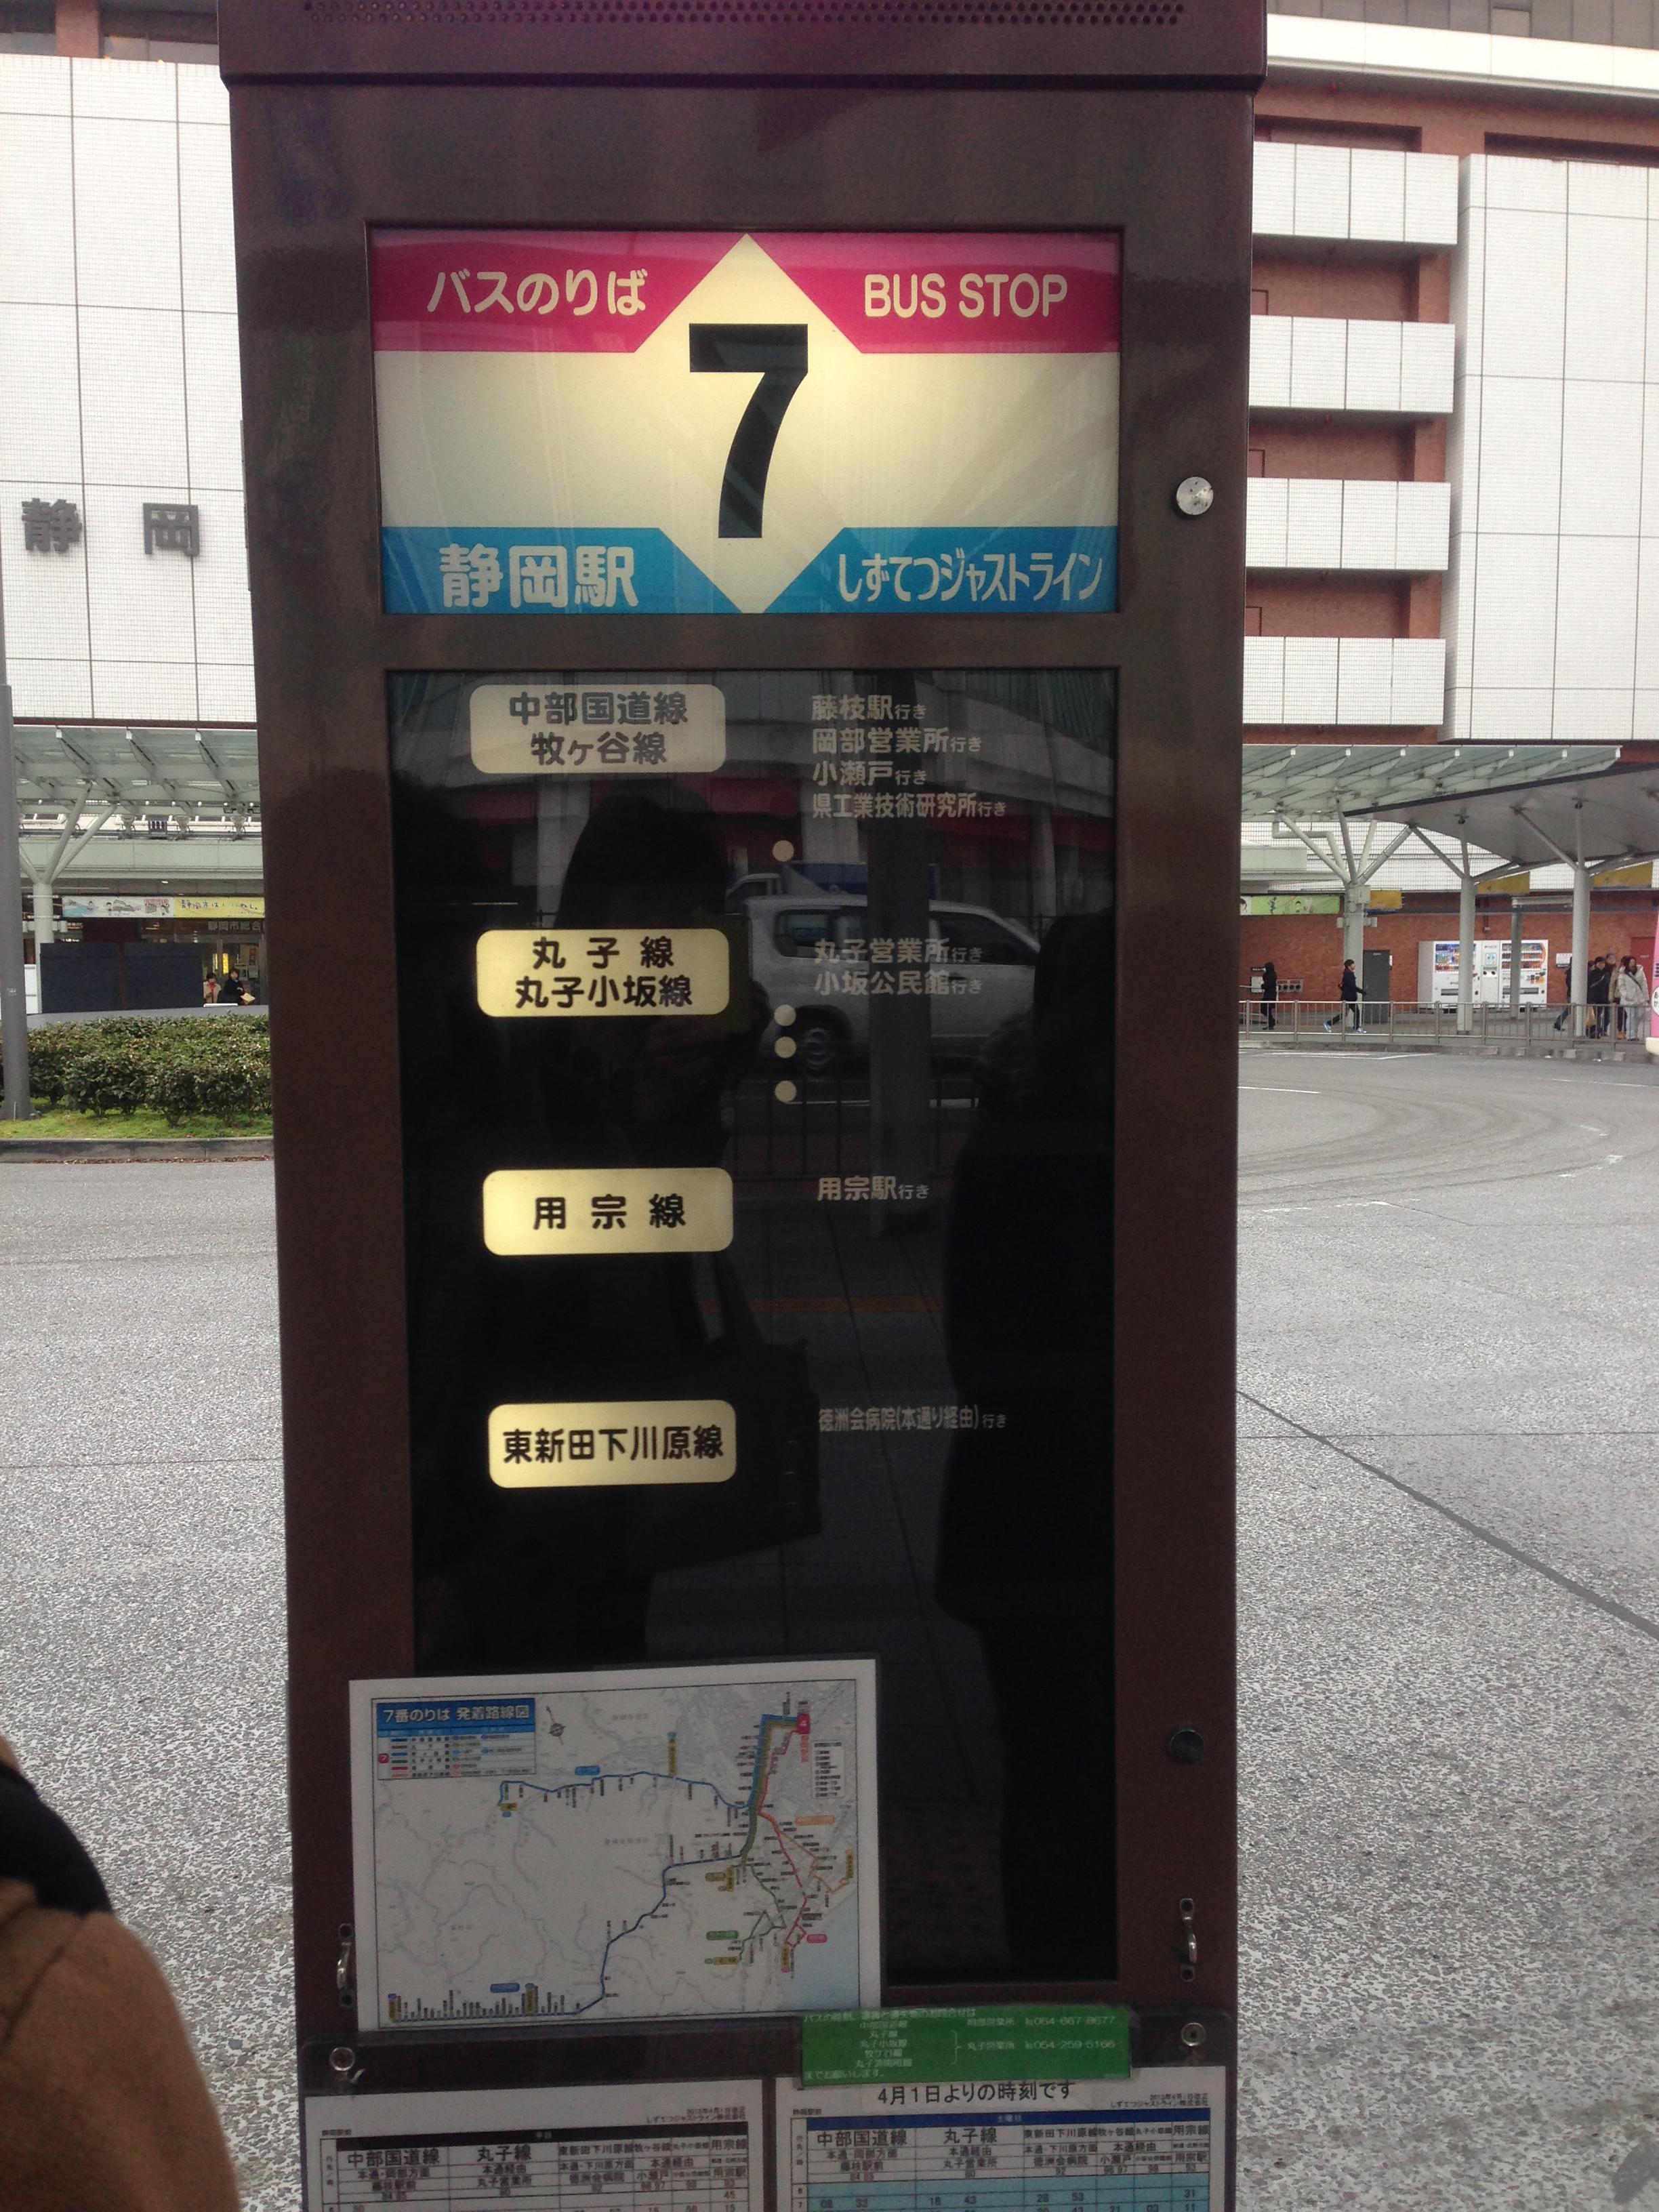 OKABE-1-bus-stop 7